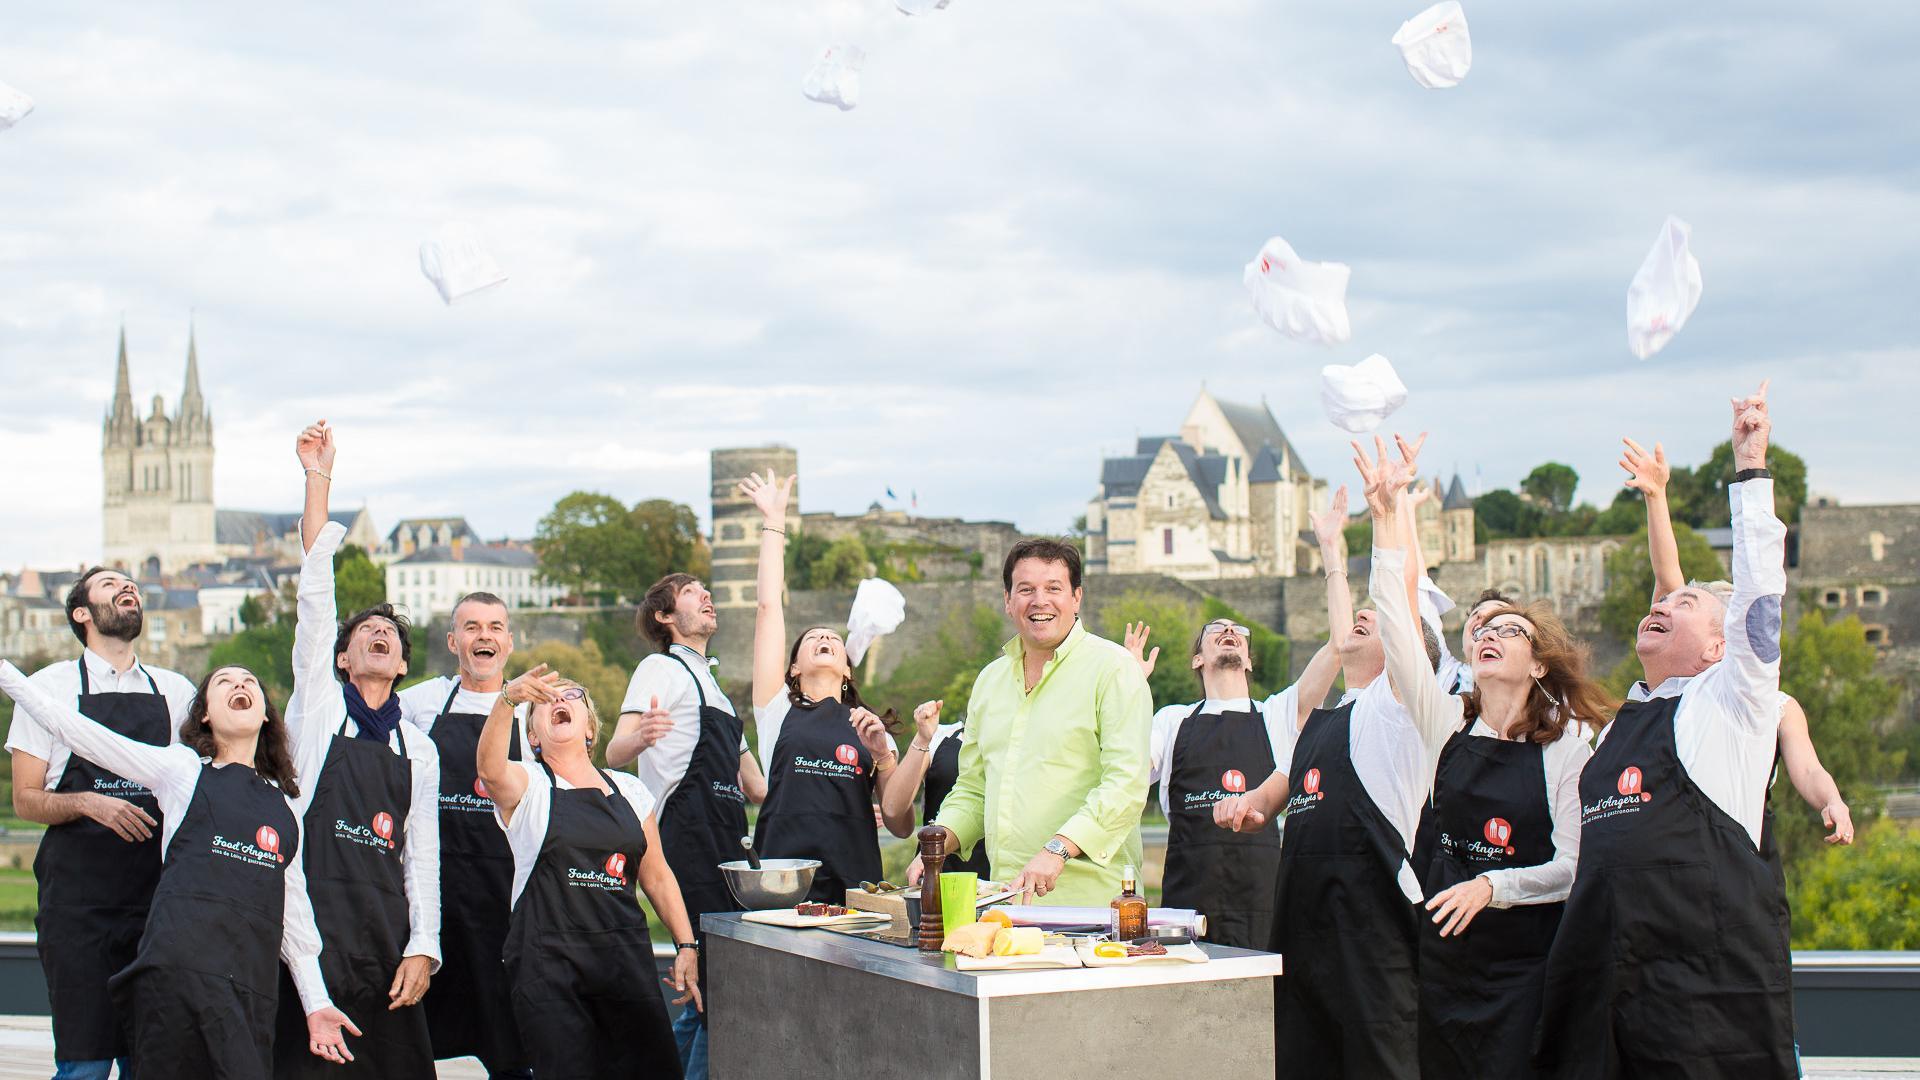 Incentive Cours De Cuisine Sur La Terrasse Du Quai Copyright Pierre Le Targat Destination Angers 3498 1920px